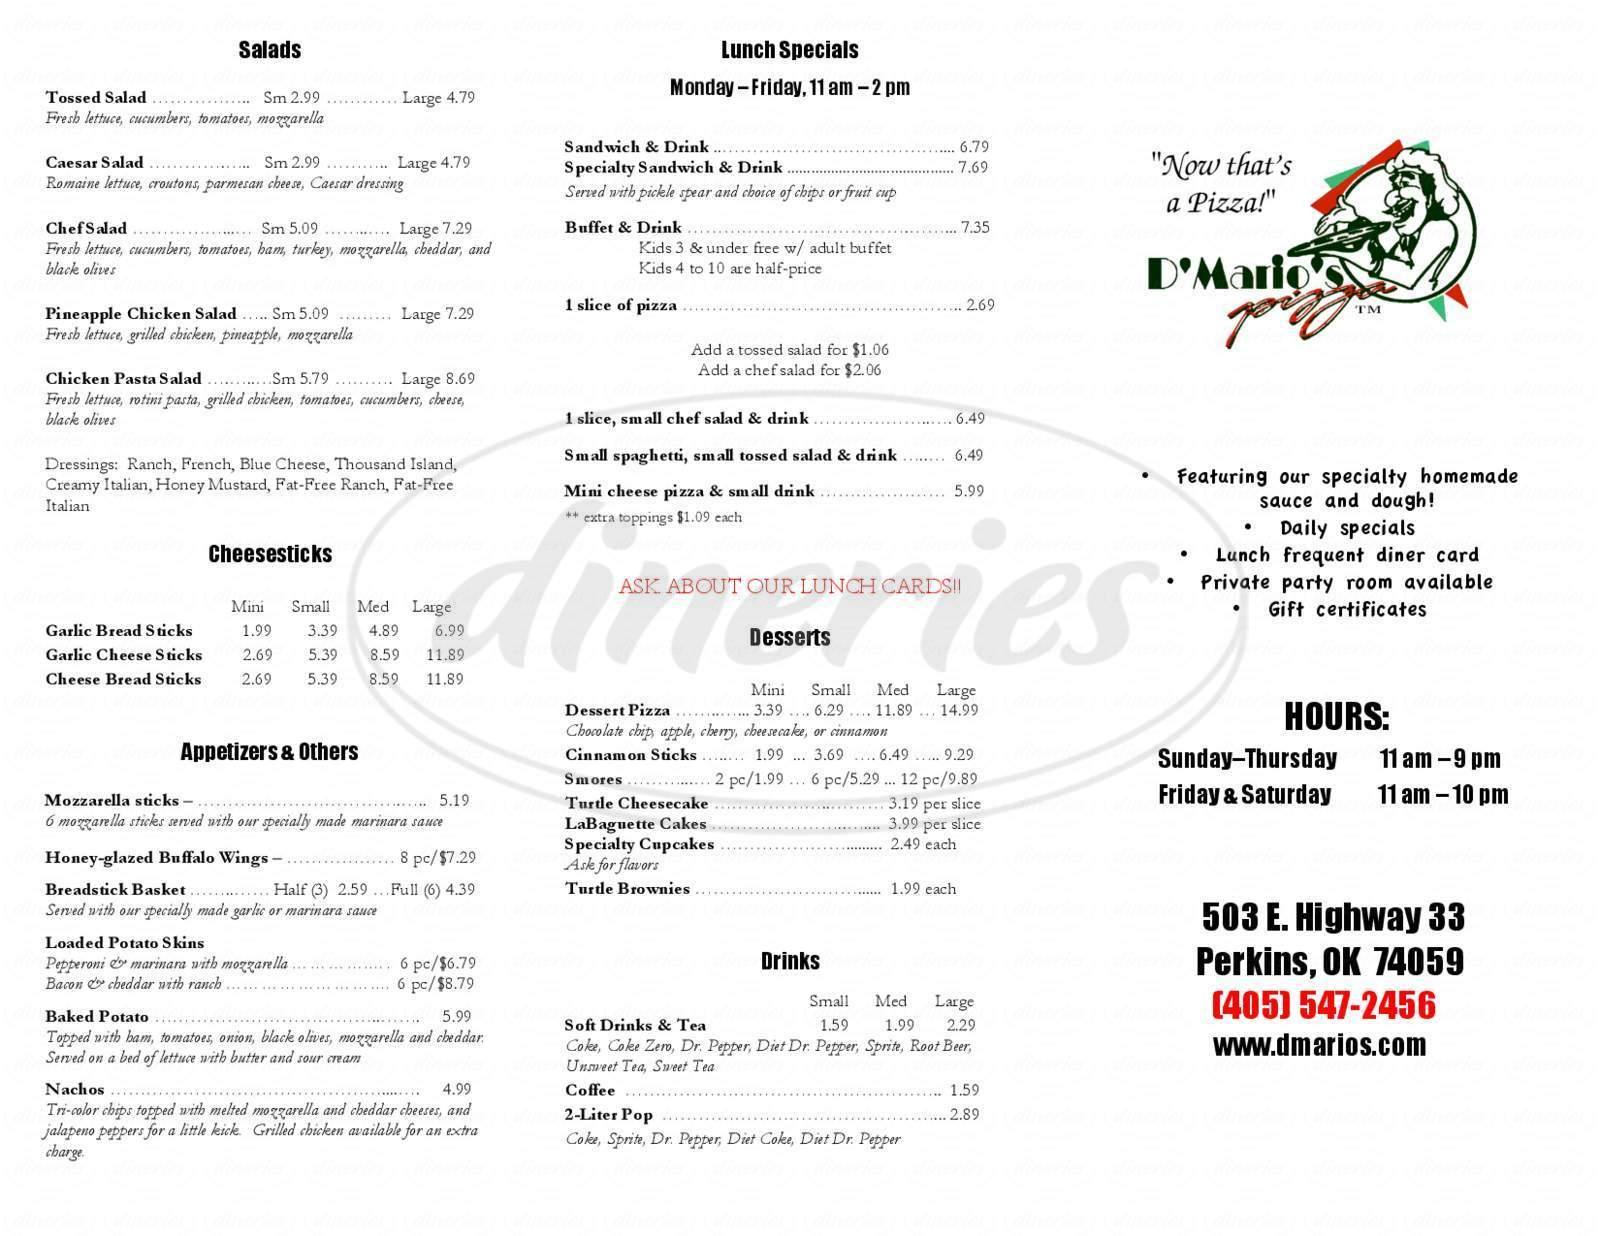 menu for D'mario's Pizza